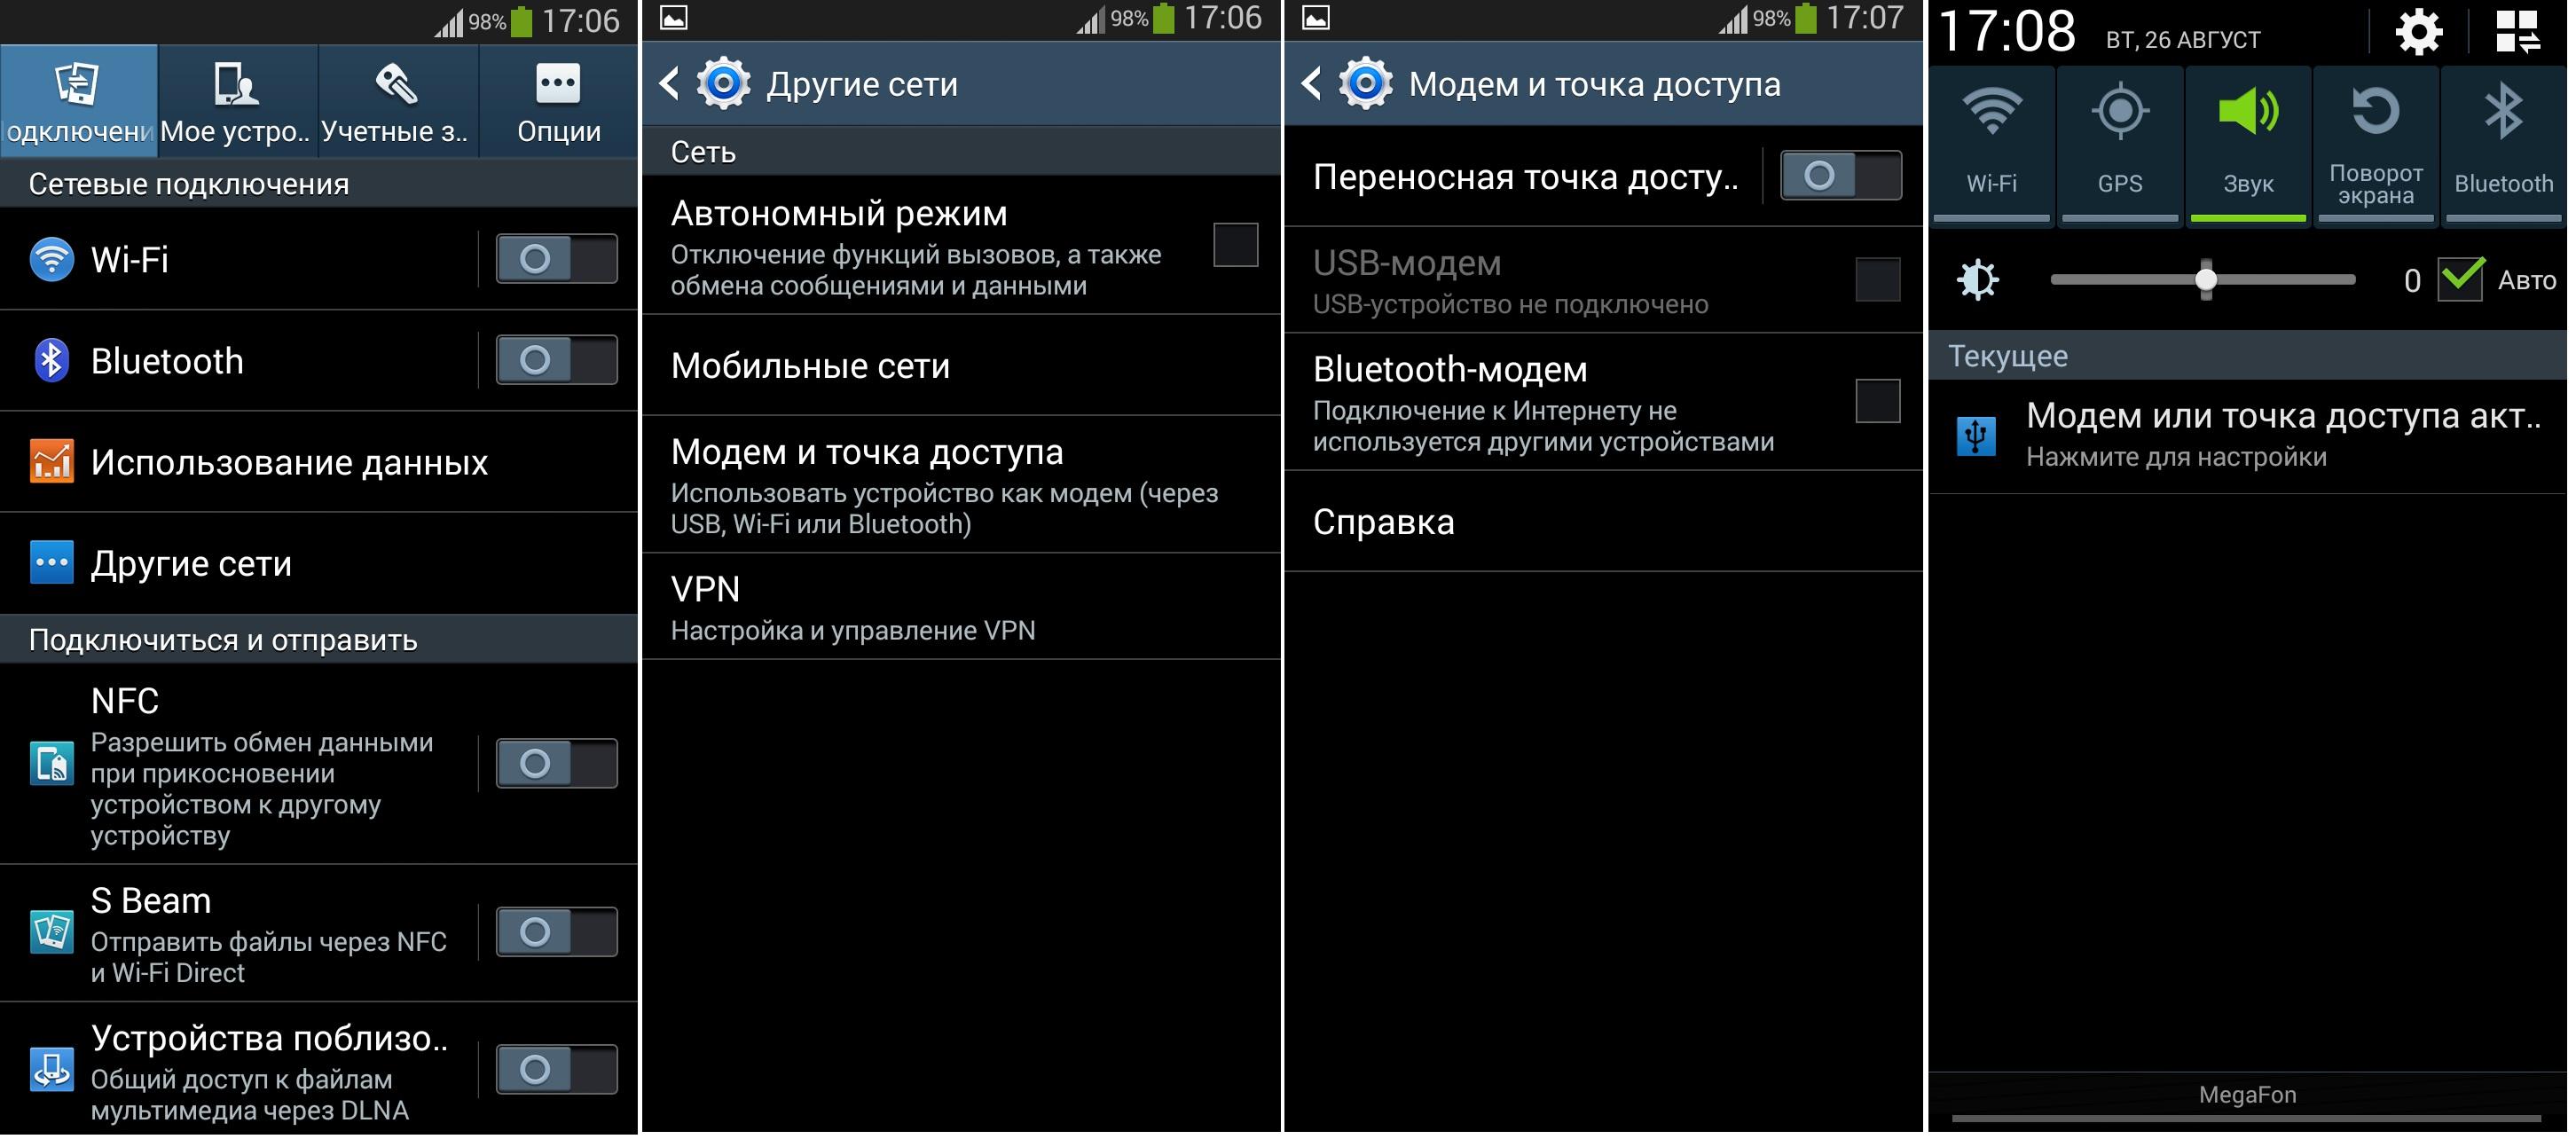 Фото 7: Подключение wi-fi на андроид